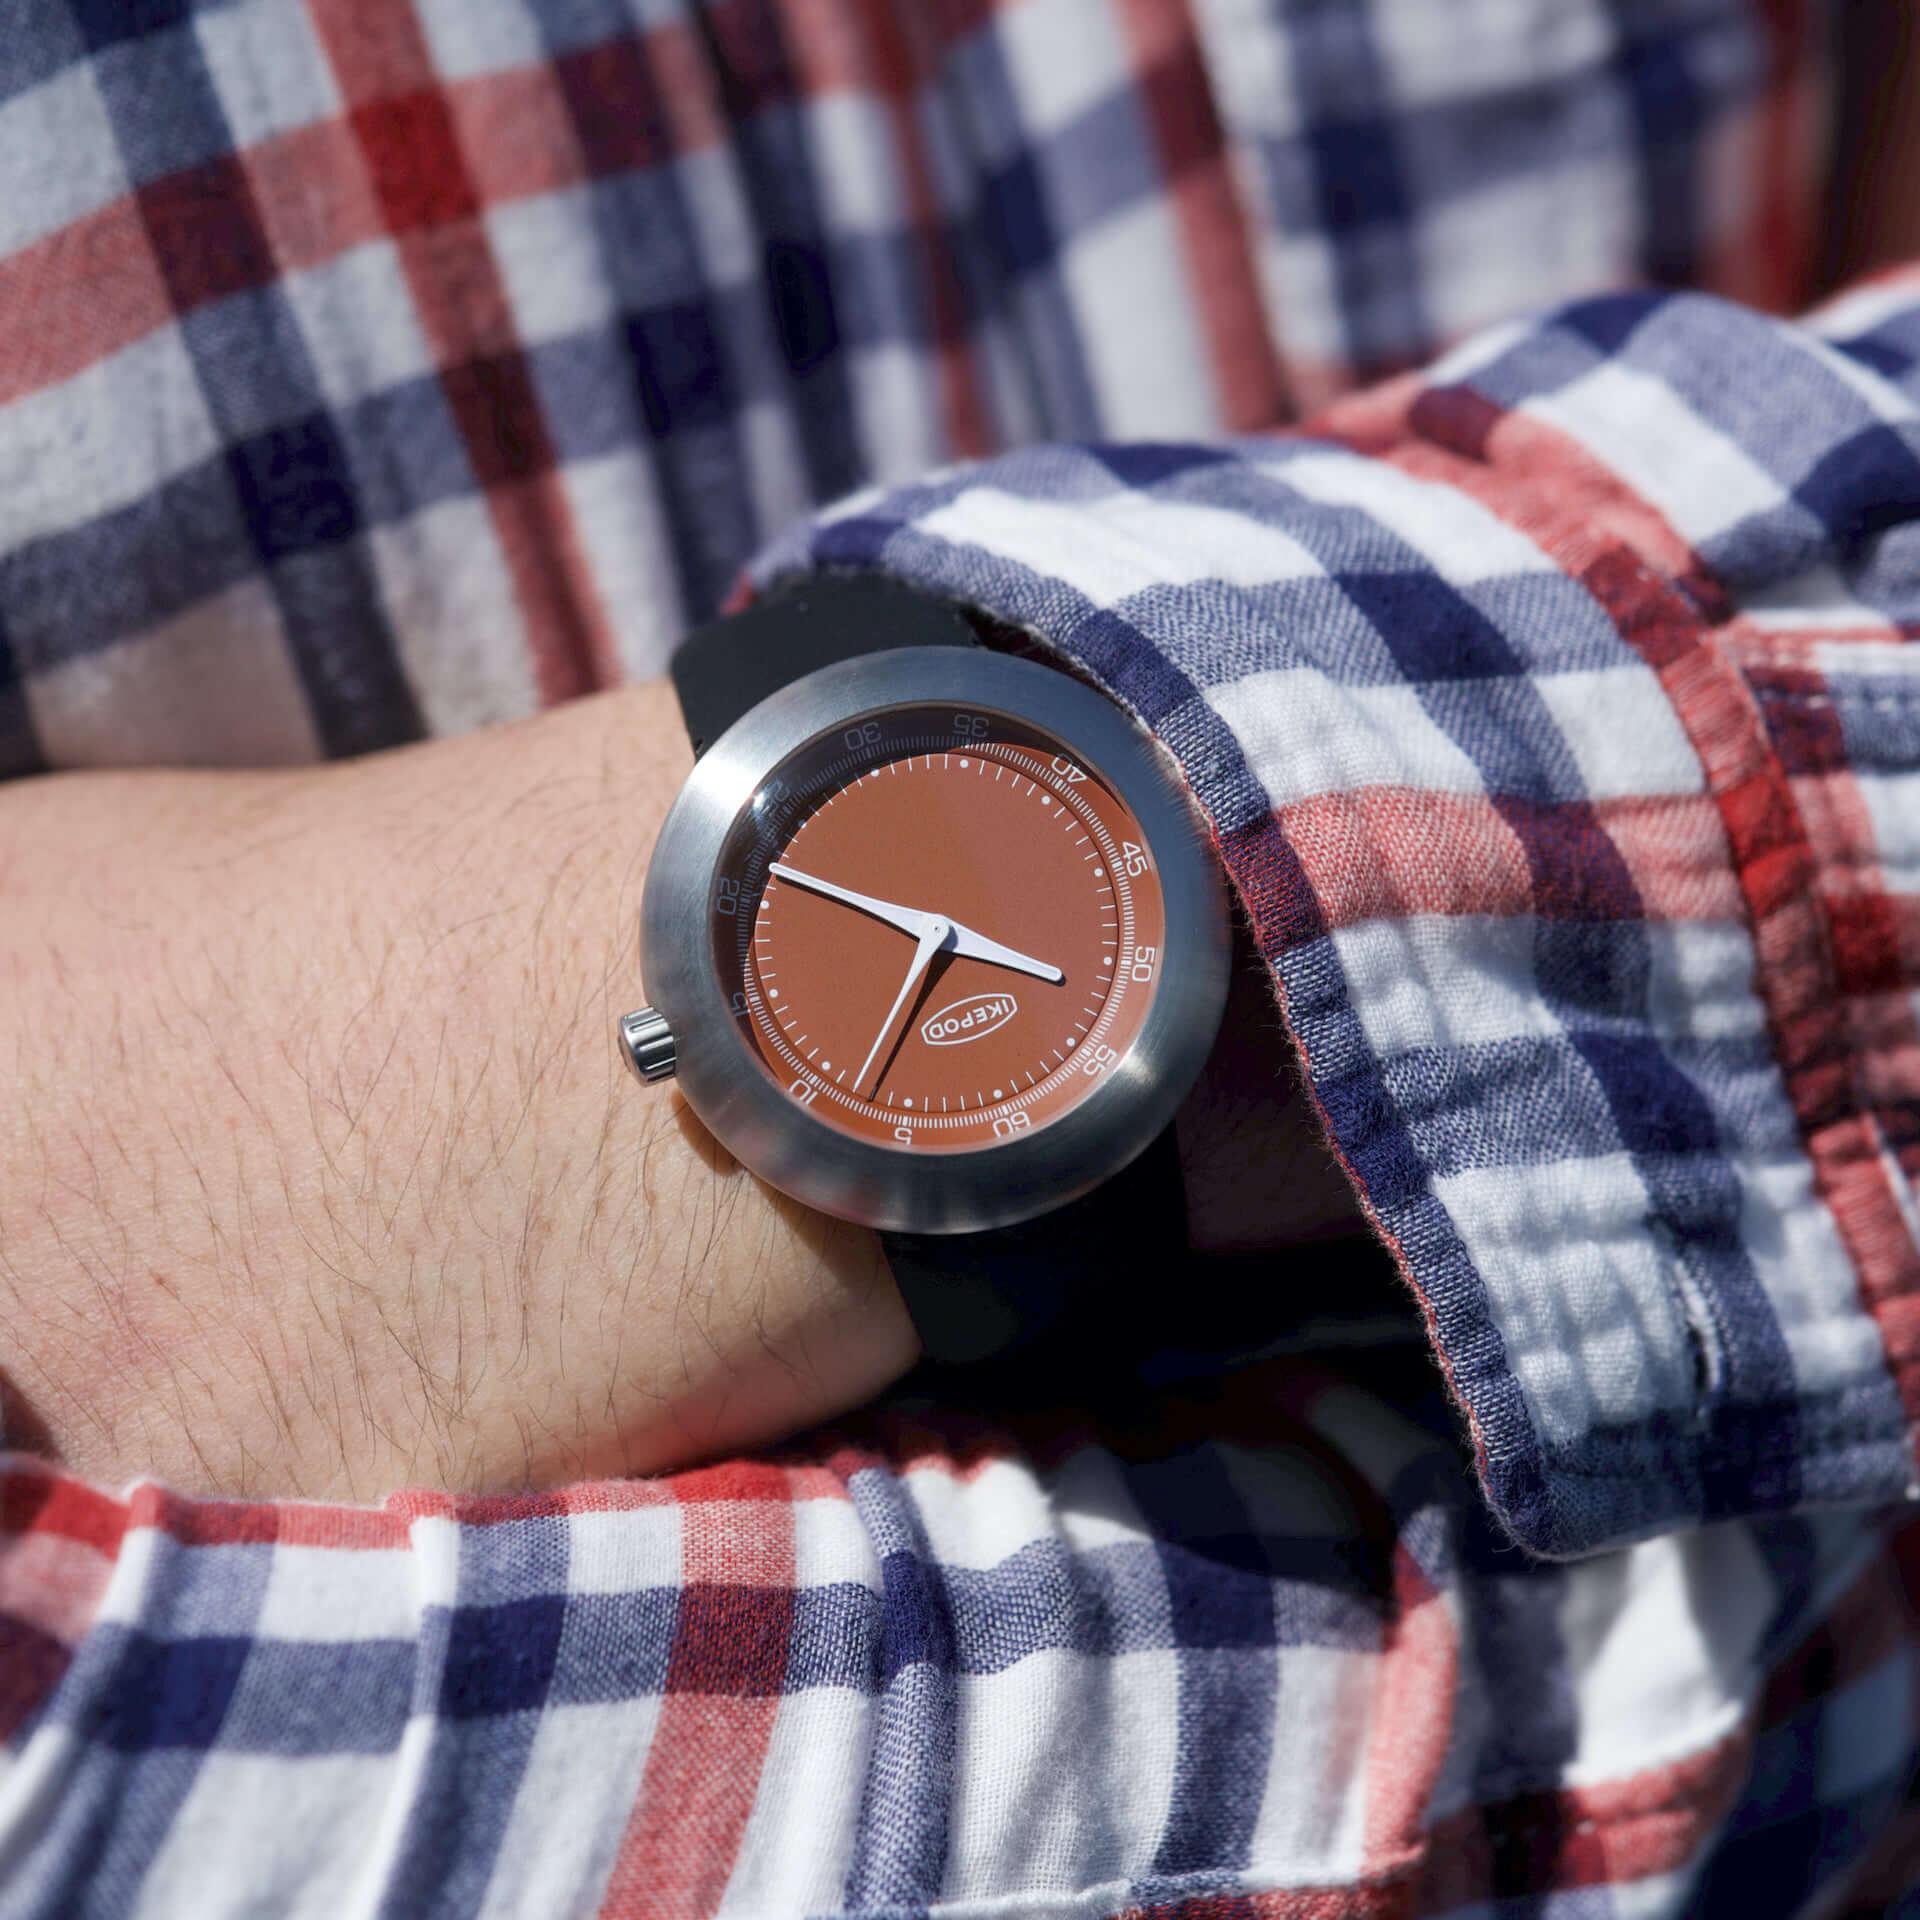 世界で50本のみ!スイス時計ブランド・IKEPODの新コレクション「Megapod」から、復活後初の限定モデルが発売決定 life200610_ikepod_megapod_3-1920x1920